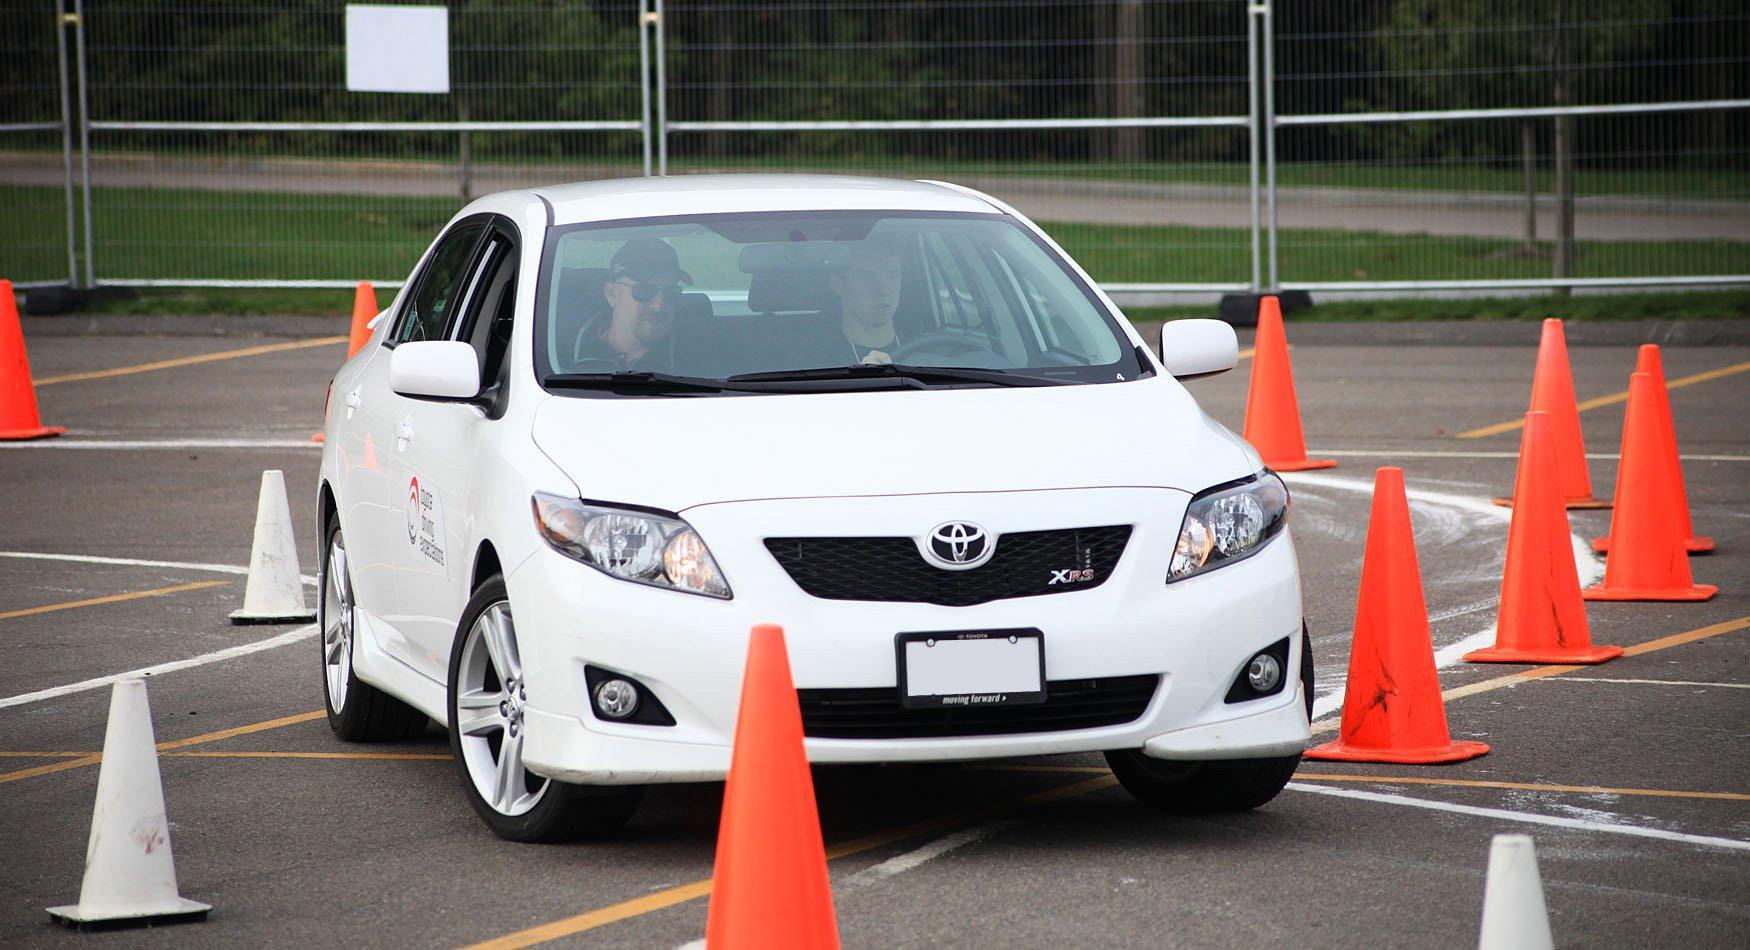 Обучение в автошколе:  основные моменты для учащегося автошколы.